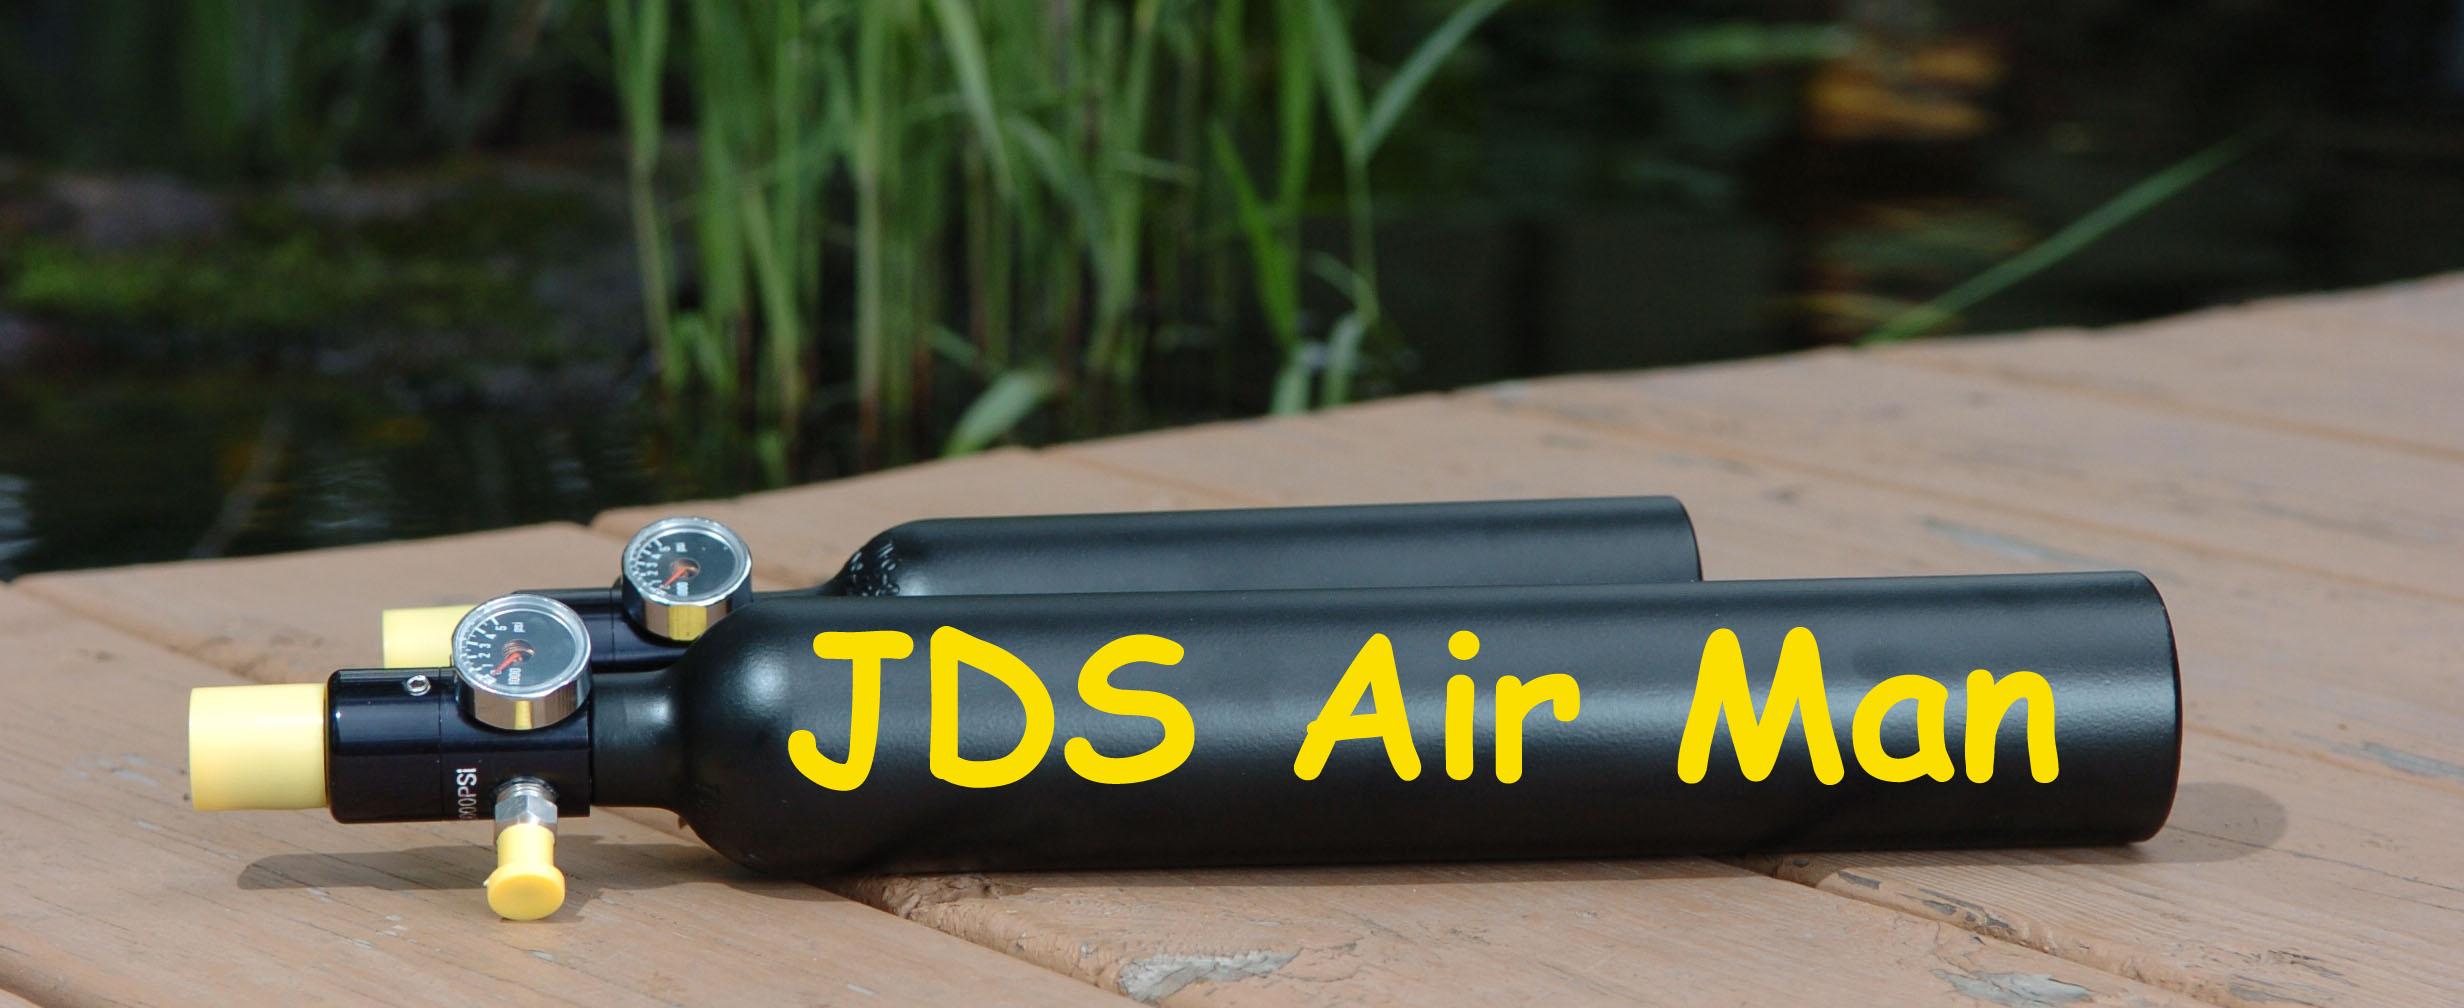 DSC_00011-1 copy.jpg